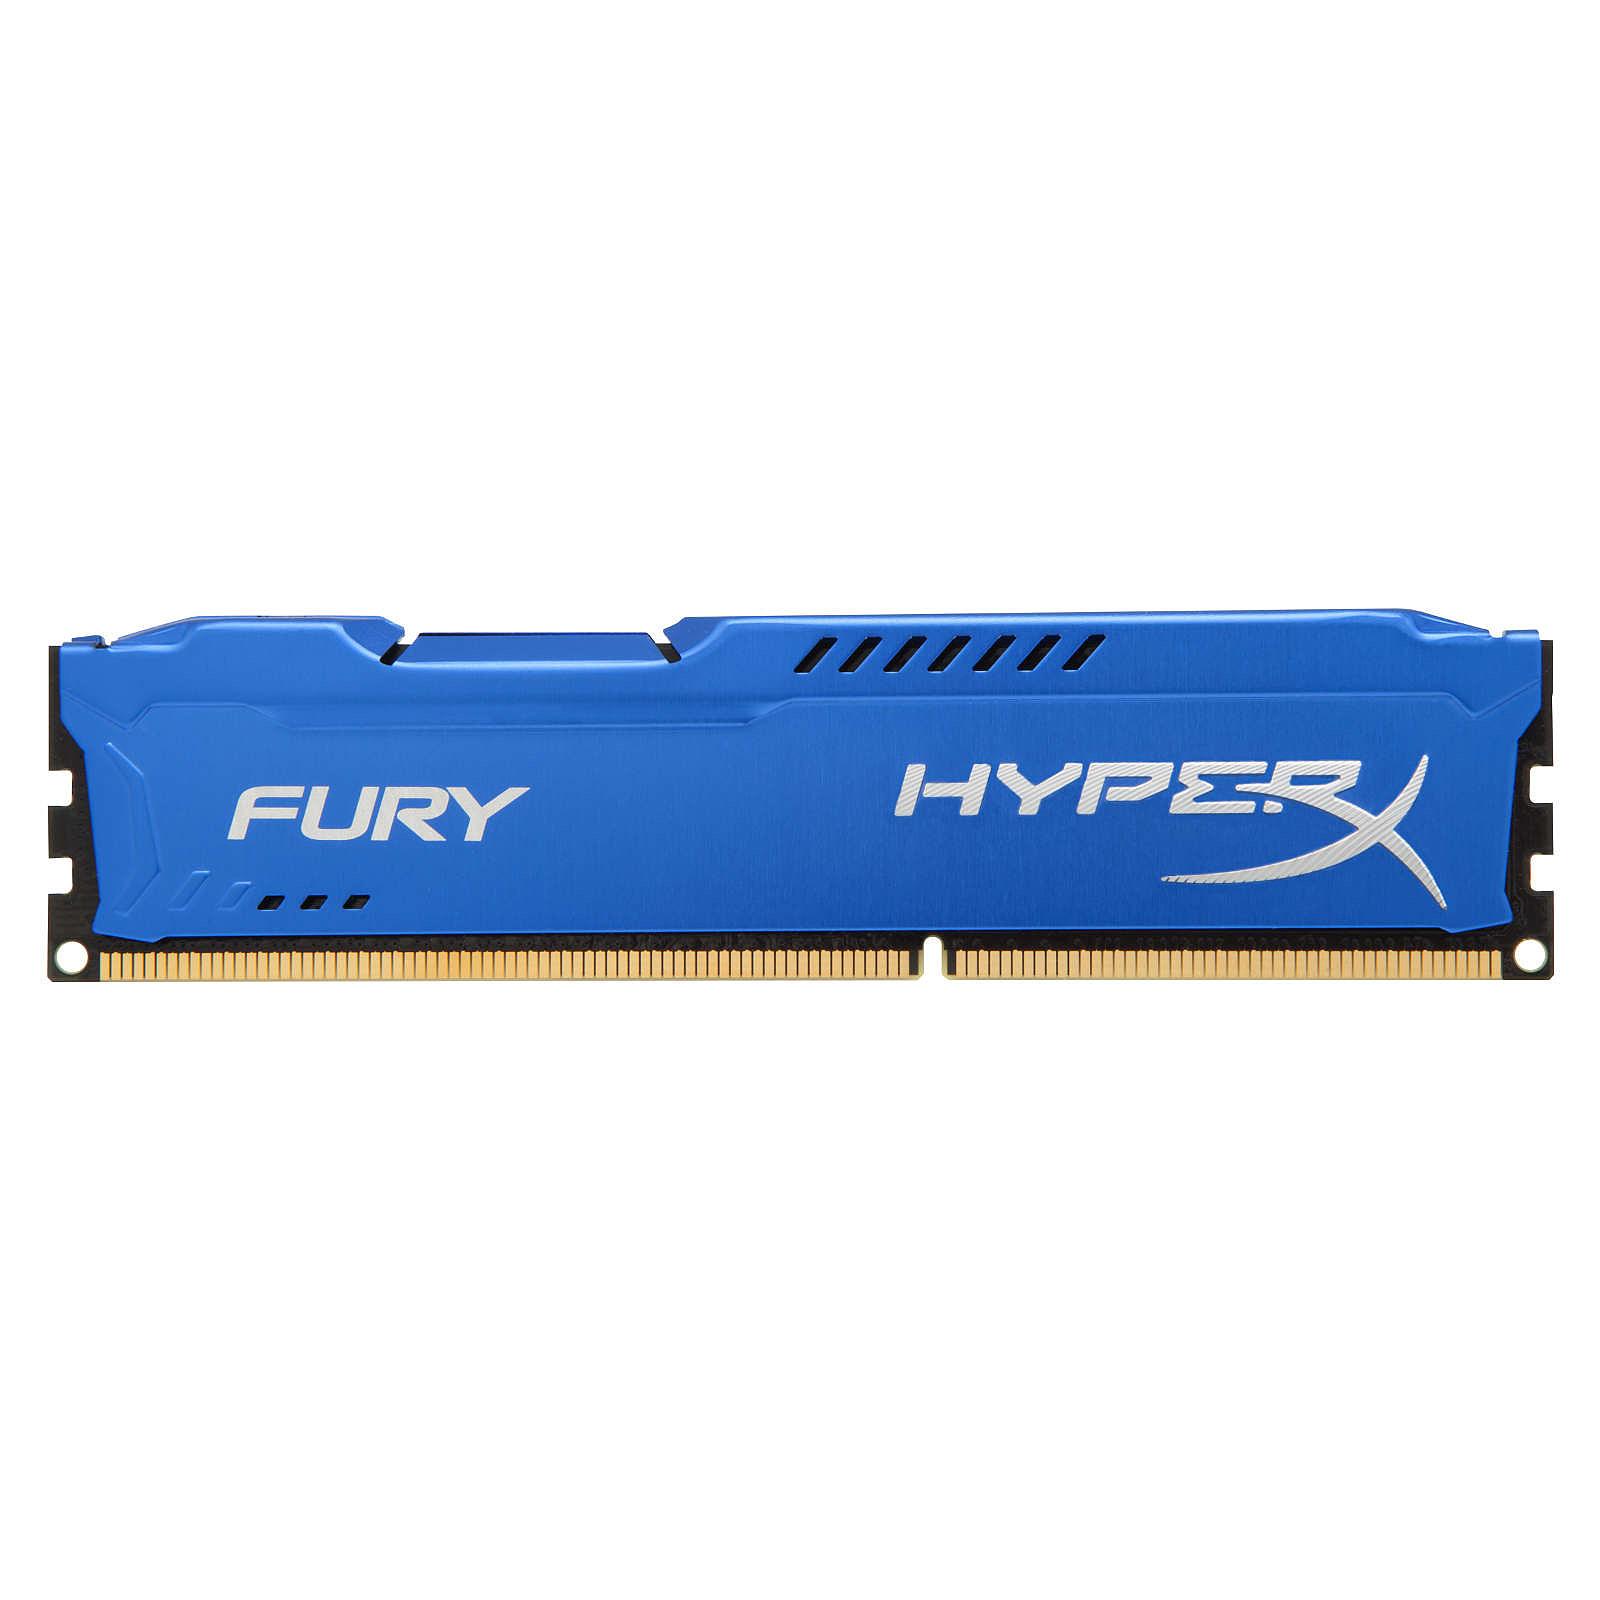 HyperX Fury 8 Go DDR3 1600 MHz CL10